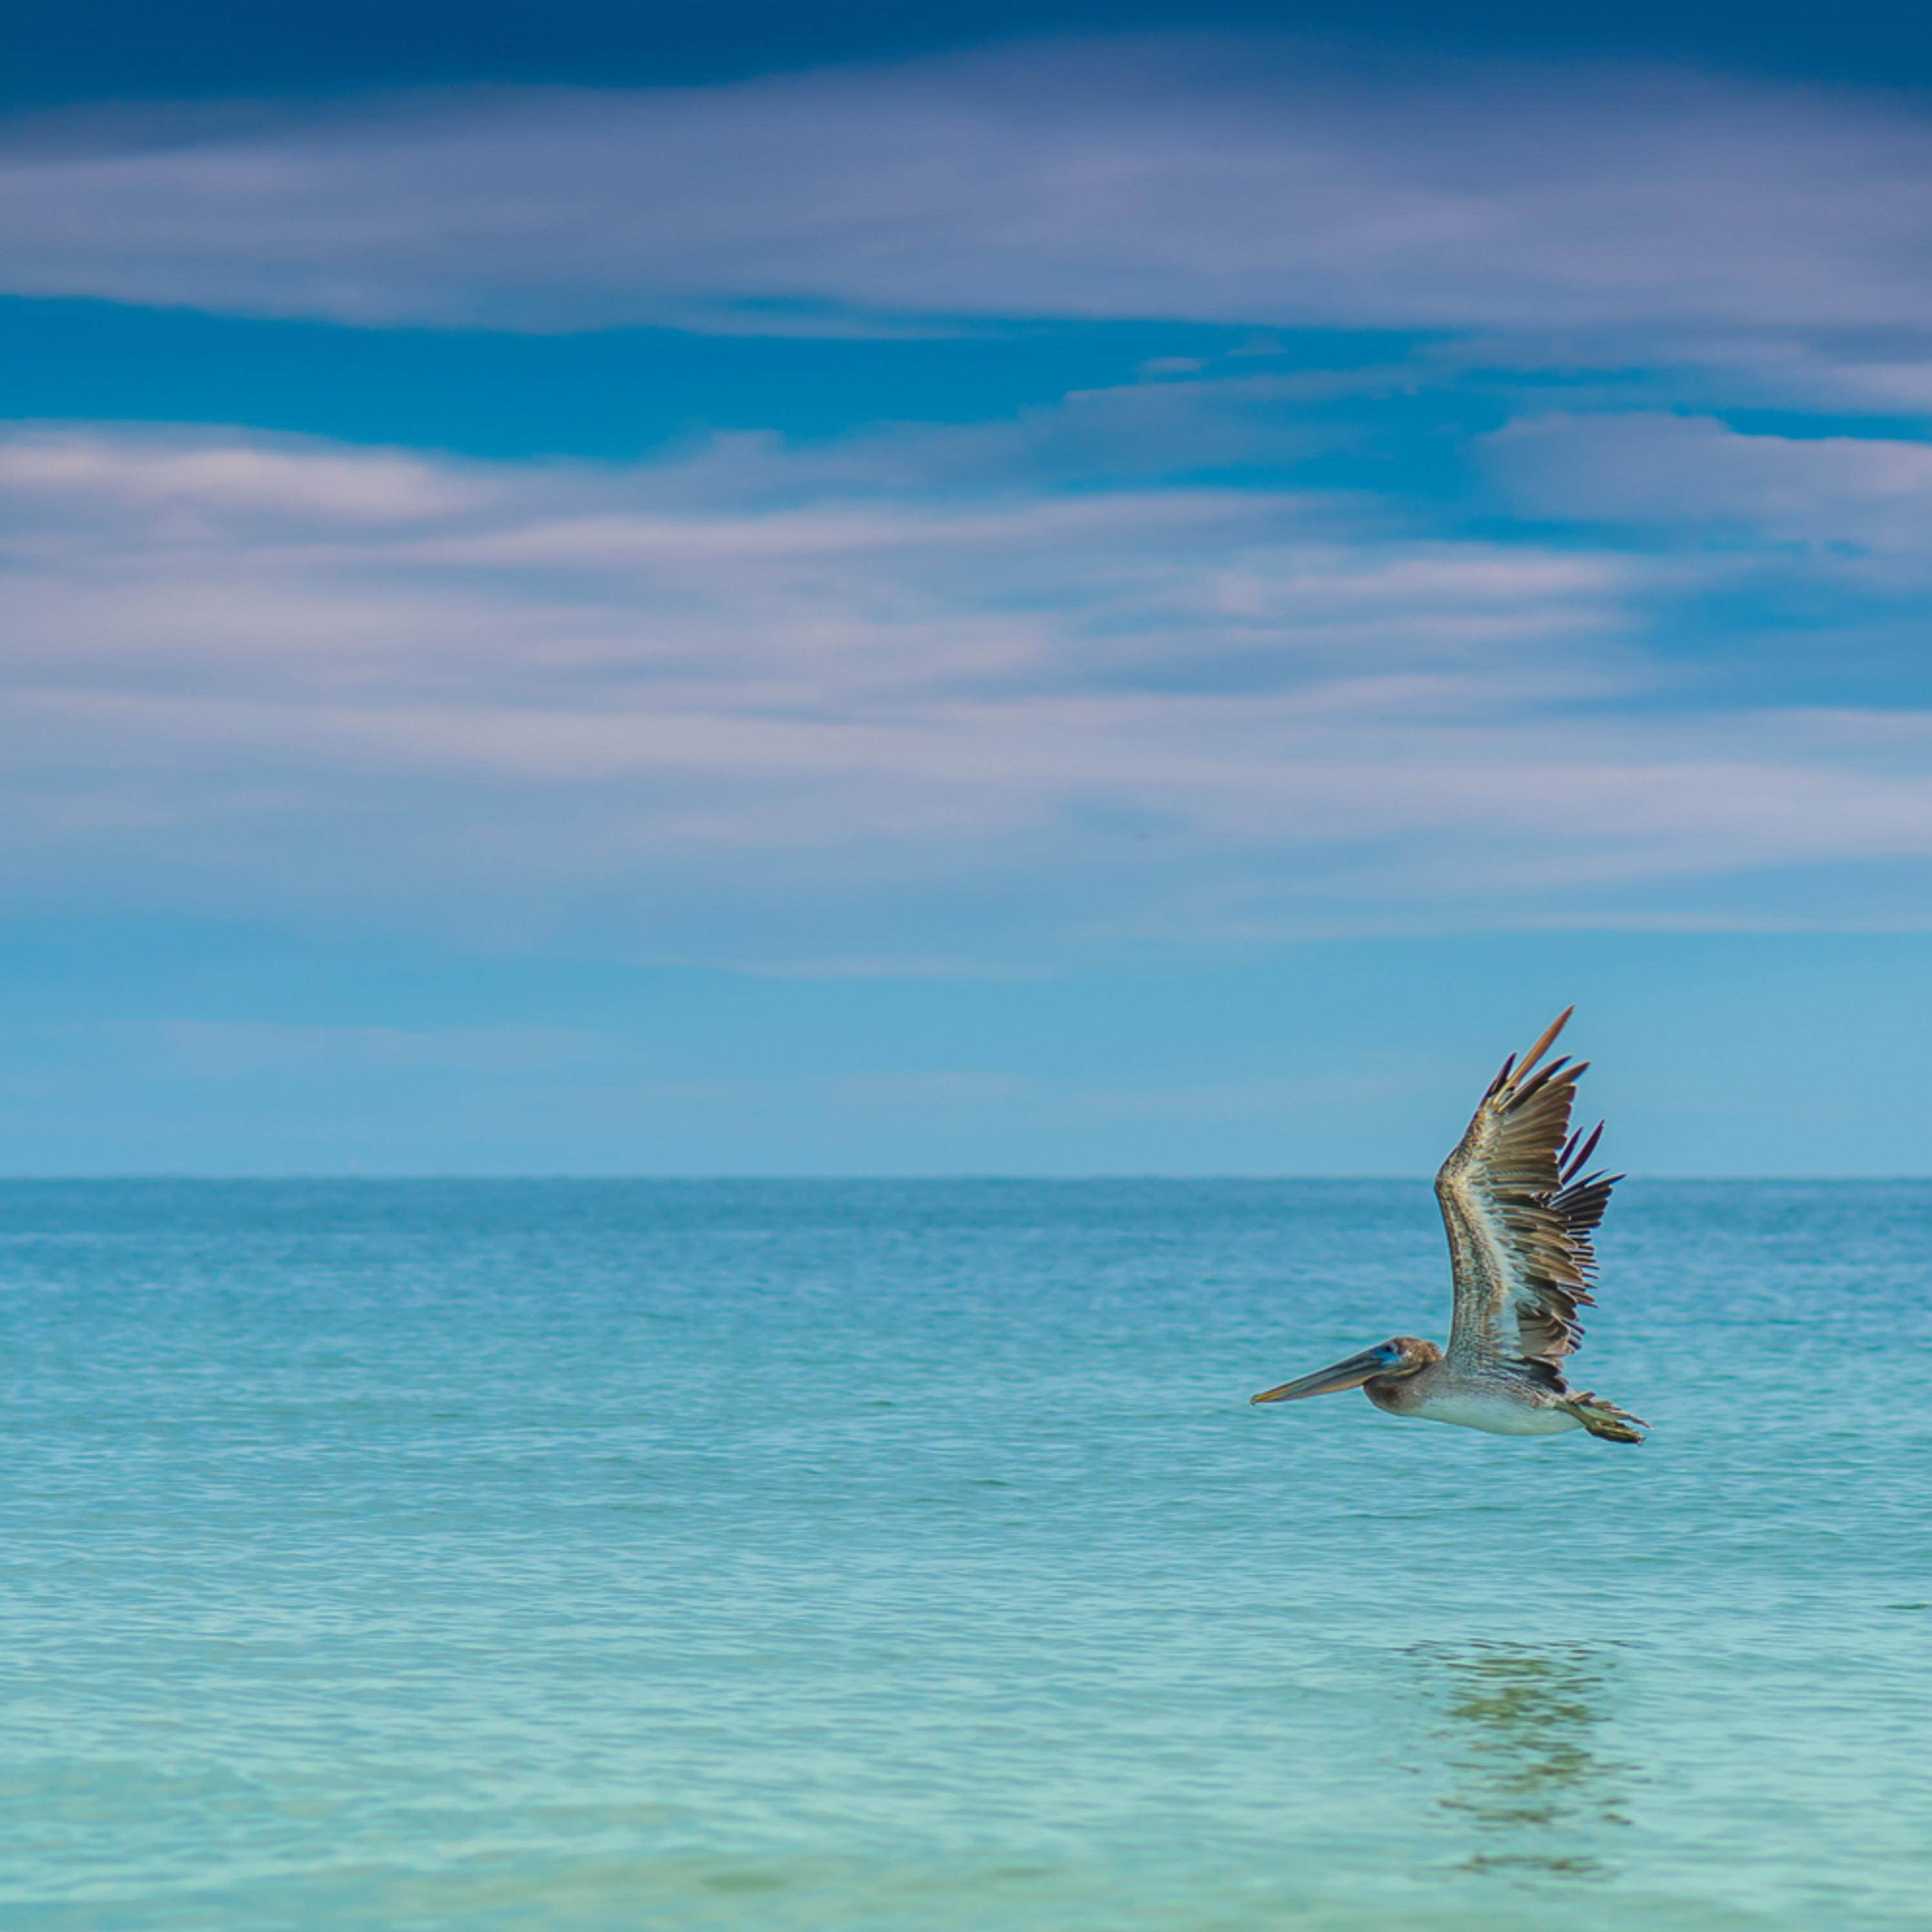 Pelicano bf7a0j